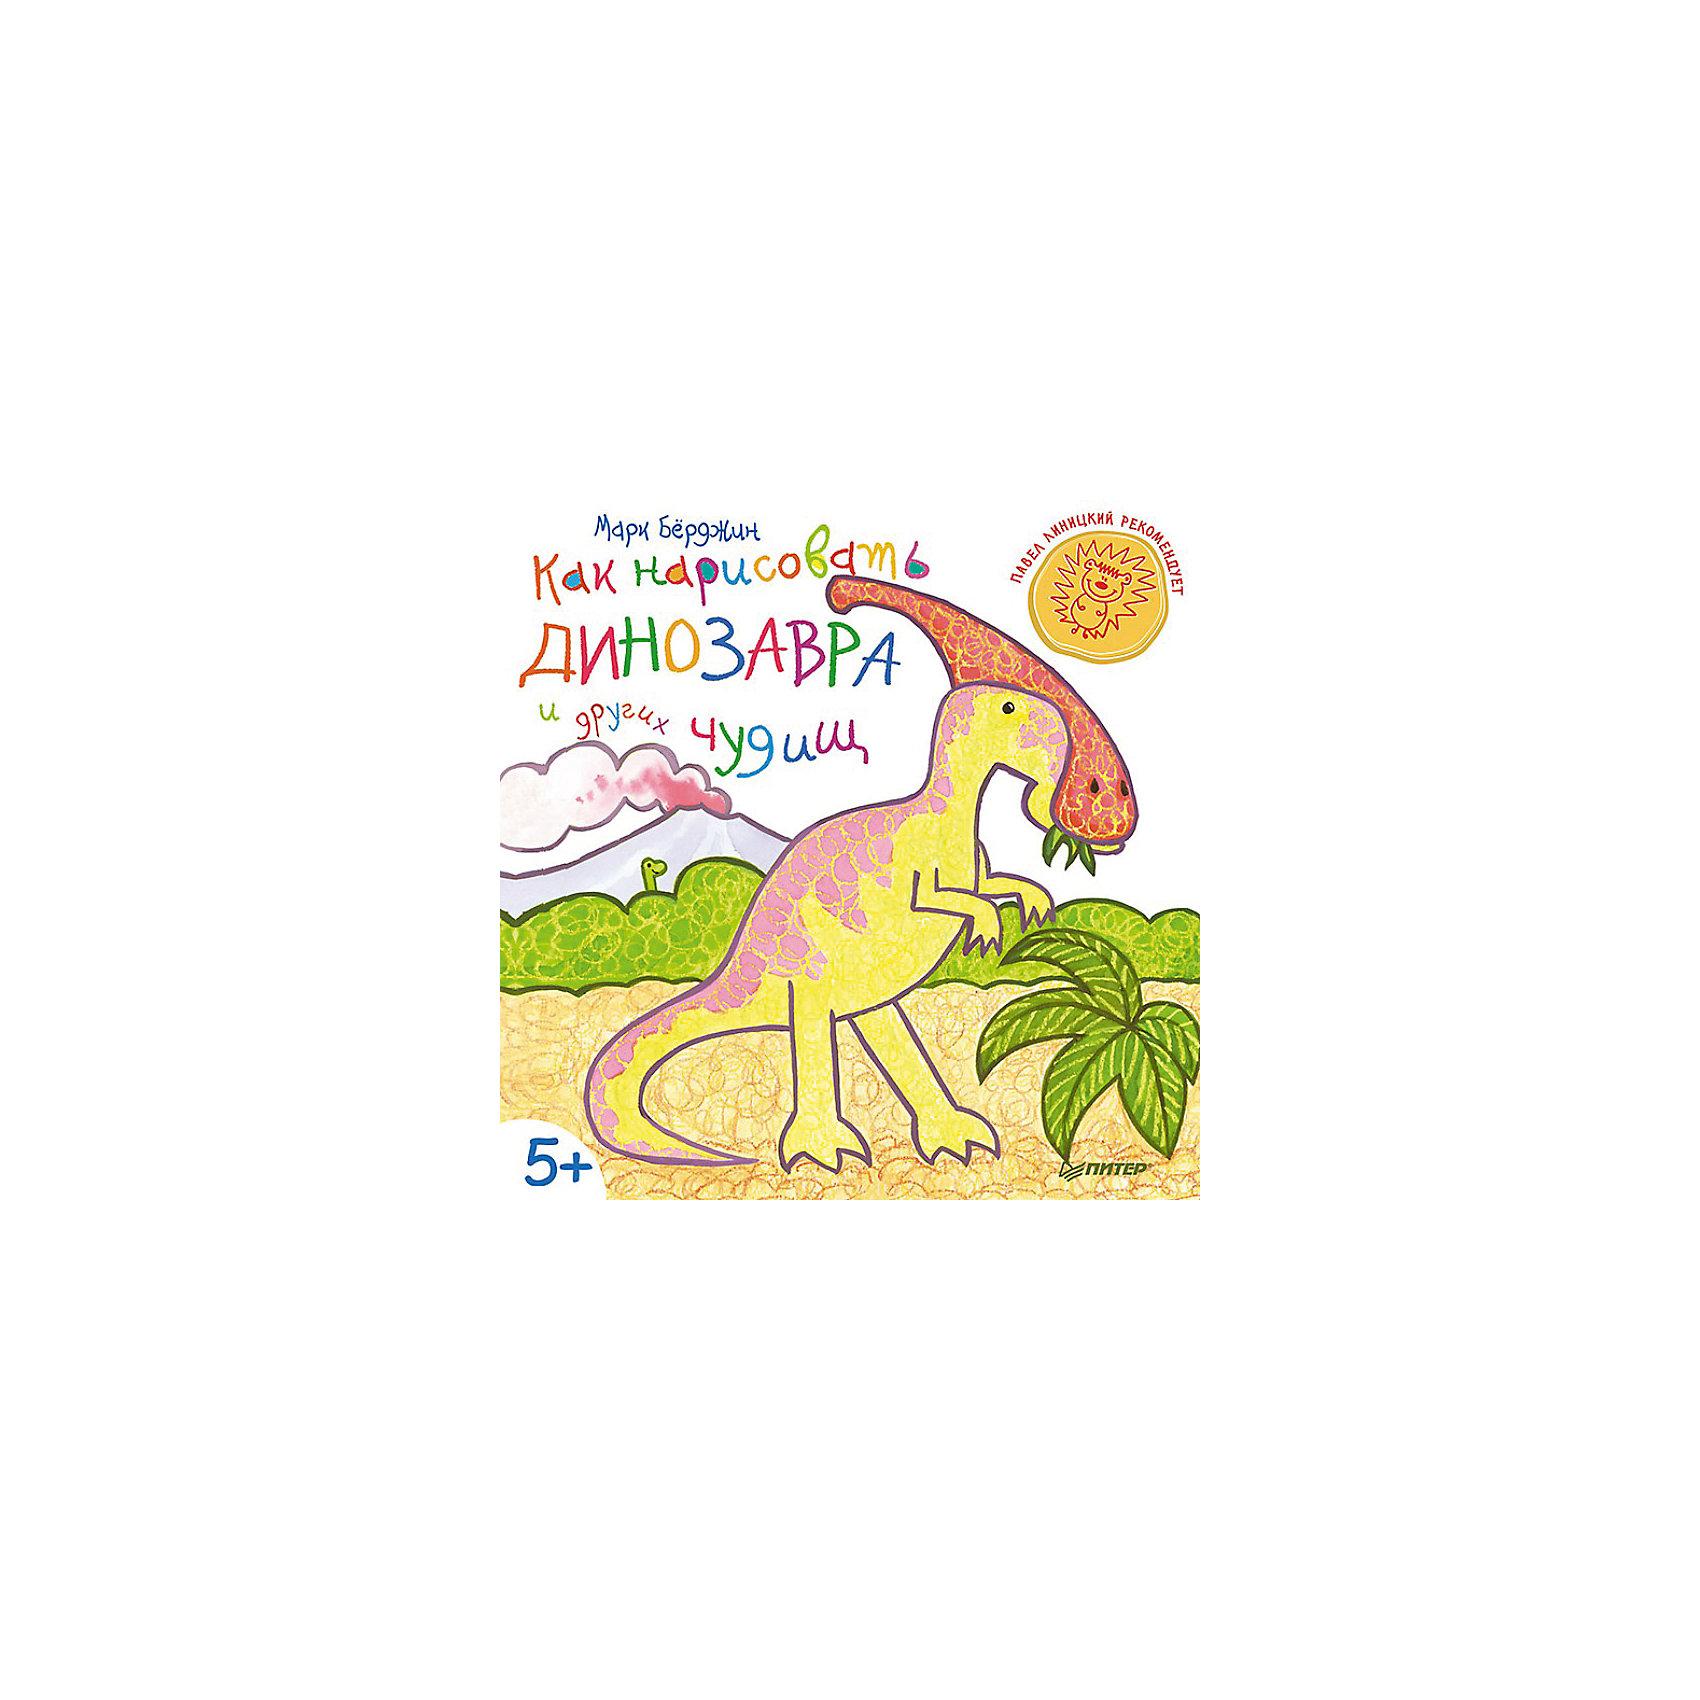 Как нарисовать динозавра и других чудищТворчество – очень важная часть жизни каждого ребенка. Книга «Как нарисовать динозавра и других чудищ» научит рисовать всевозможные виды динозавров даже ребенка, который не умеет или не любит рисовать. Сборник содержит пошаговые инструкции создания динозавров, которые дополнены яркими и красочными иллюстрациями. Кроме технического сопровождения рисования книга повествует интересные истории о каждом существе. Сборник откроет в ребенке скрытые творческие способности, разовьет воображение и фантазию. Книга будет интересна детям от пяти лет. <br><br>Дополнительная информация:<br><br>страниц: 48;<br>возраст: 5+;<br>формат:  145 х 215 мм.<br><br>Книгу «Как нарисовать динозавра и других чудищ»  можно купить в нашем магазине.<br><br>Ширина мм: 290<br>Глубина мм: 215<br>Высота мм: 3<br>Вес г: 133<br>Возраст от месяцев: -2147483648<br>Возраст до месяцев: 2147483647<br>Пол: Мужской<br>Возраст: Детский<br>SKU: 4966221